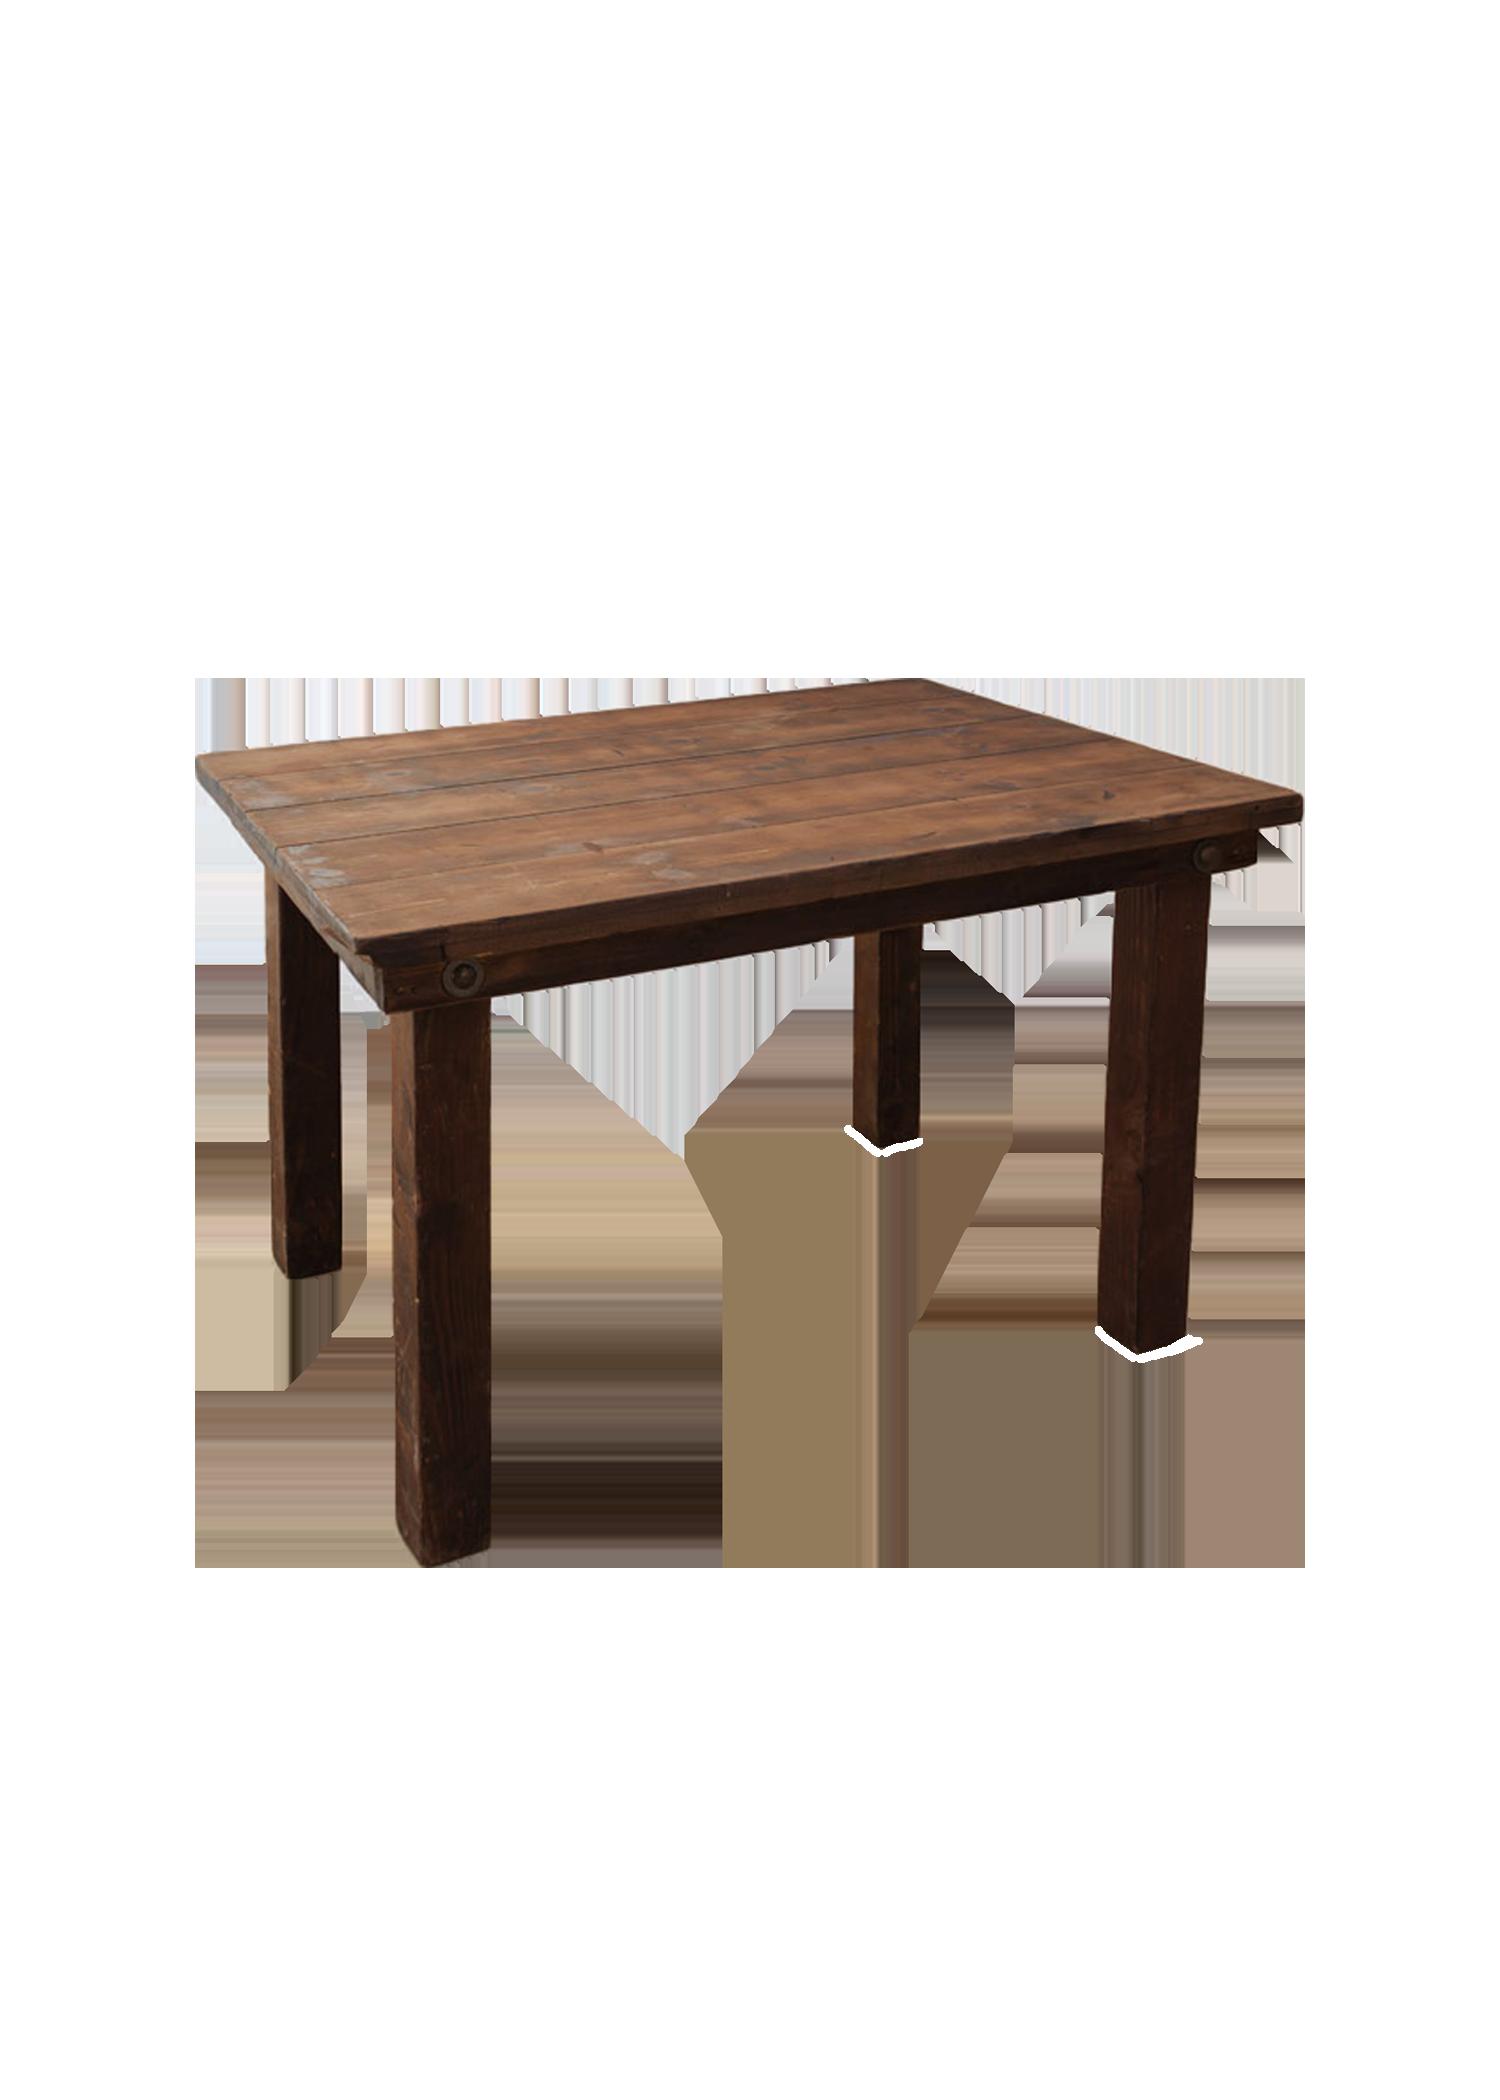 $45 Mahogany 4ft Table (Gift)